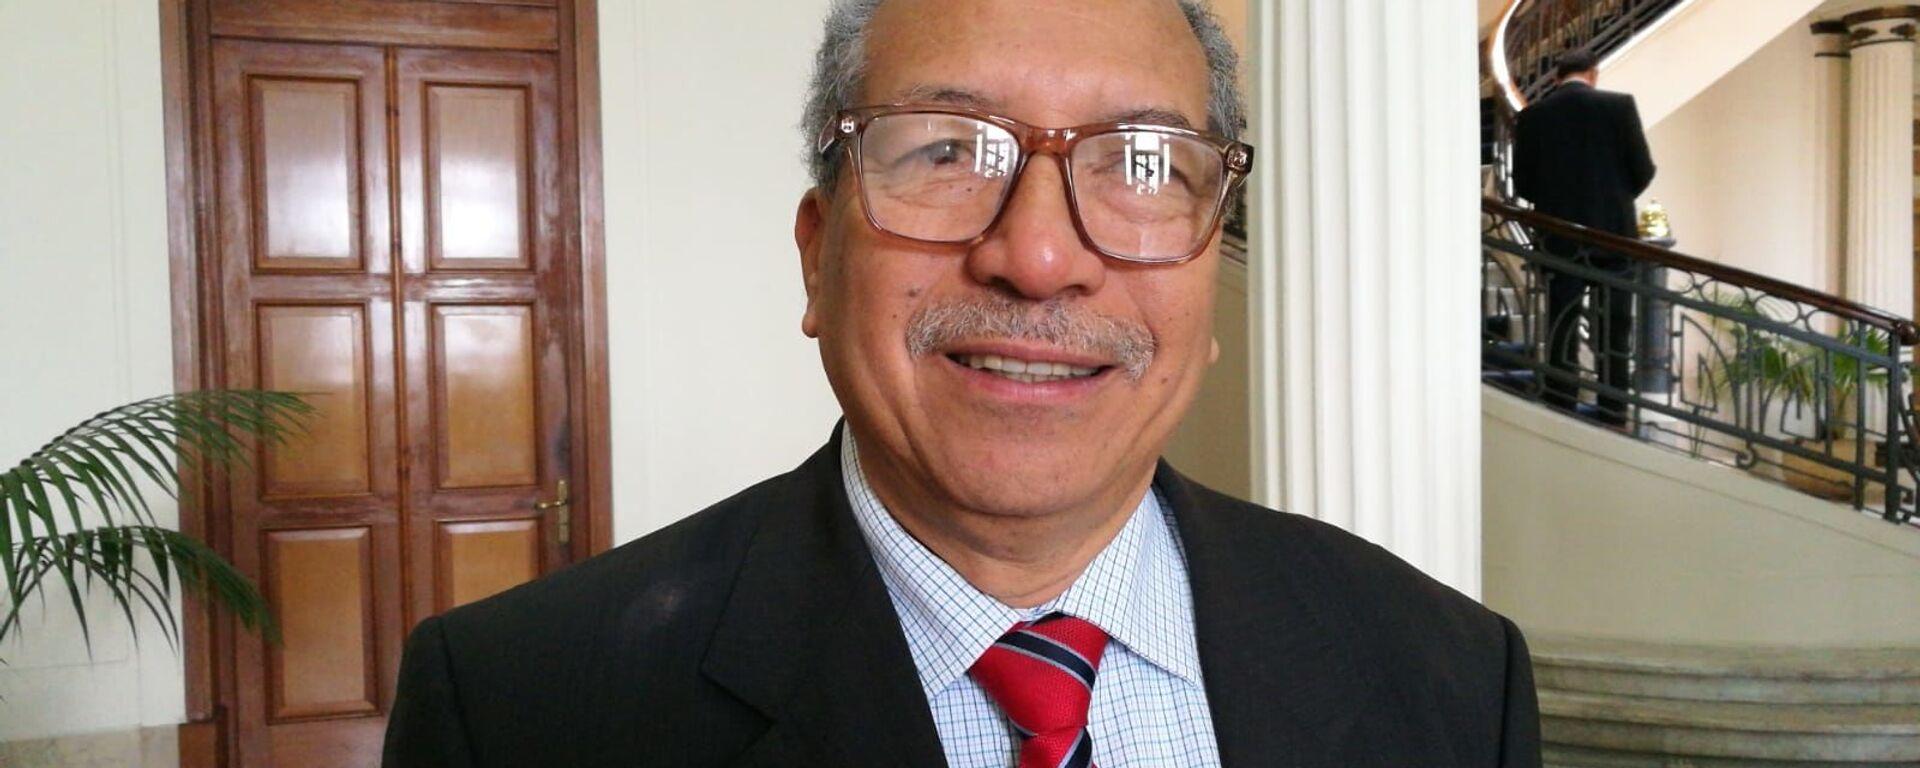 El diputado venezolano e integrante del Parlasur Saúl Ortega - Sputnik Mundo, 1920, 21.06.2021